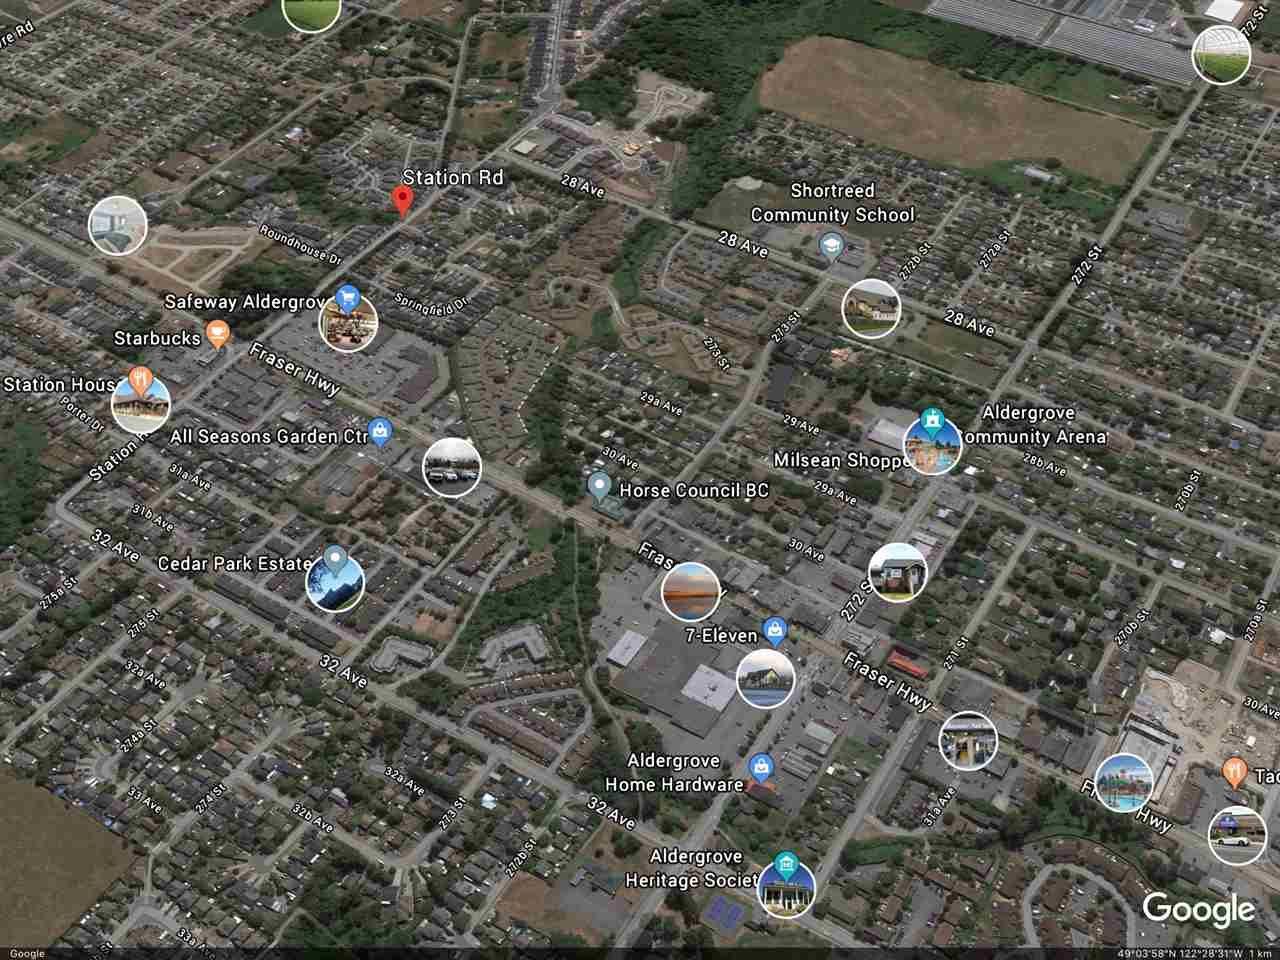 Main Photo: 2691 PLATFORM CRESCENT in : Aberdeen Land for sale : MLS®# R2346672